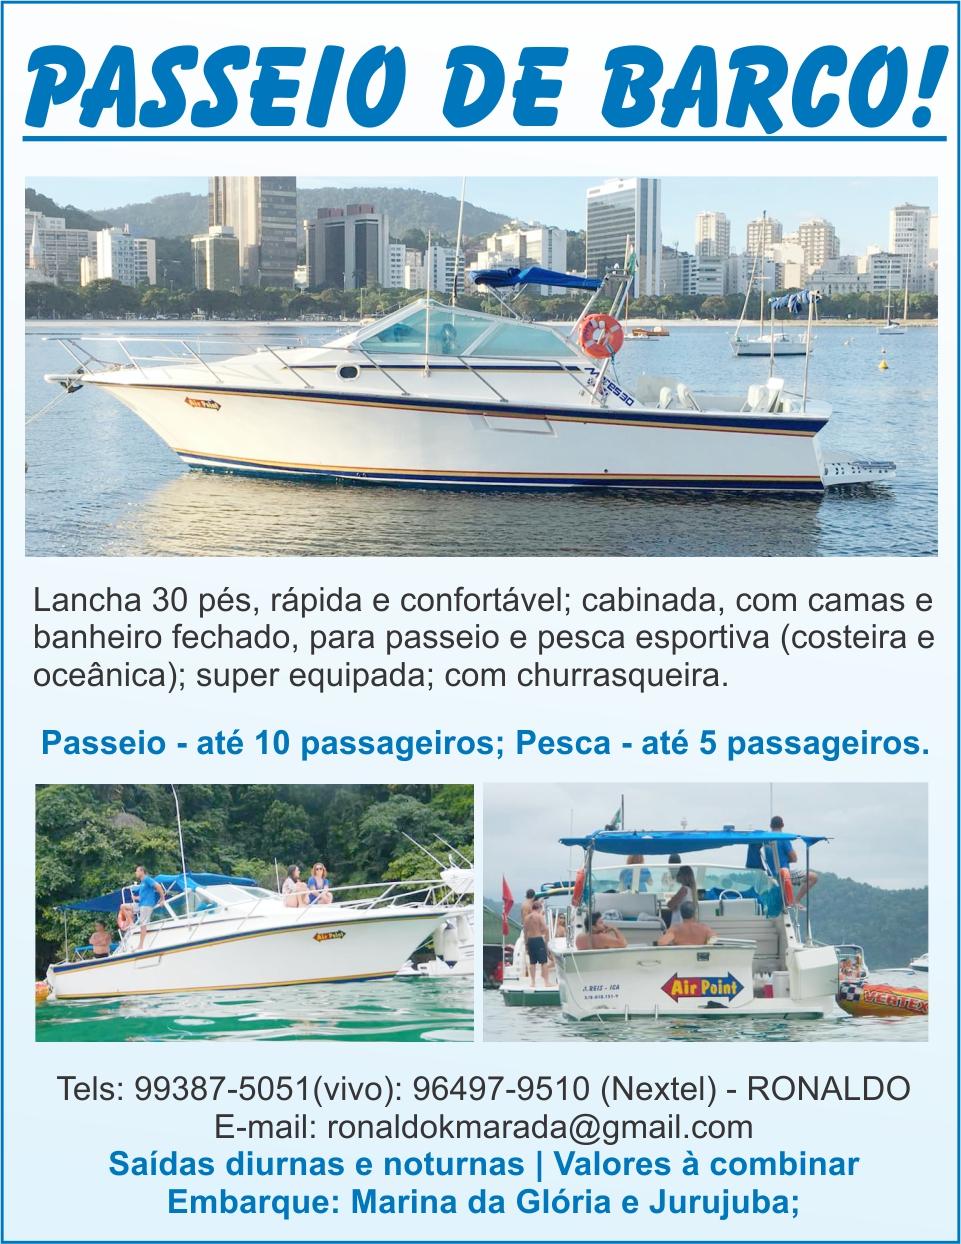 Passeio de barco Ronaldo